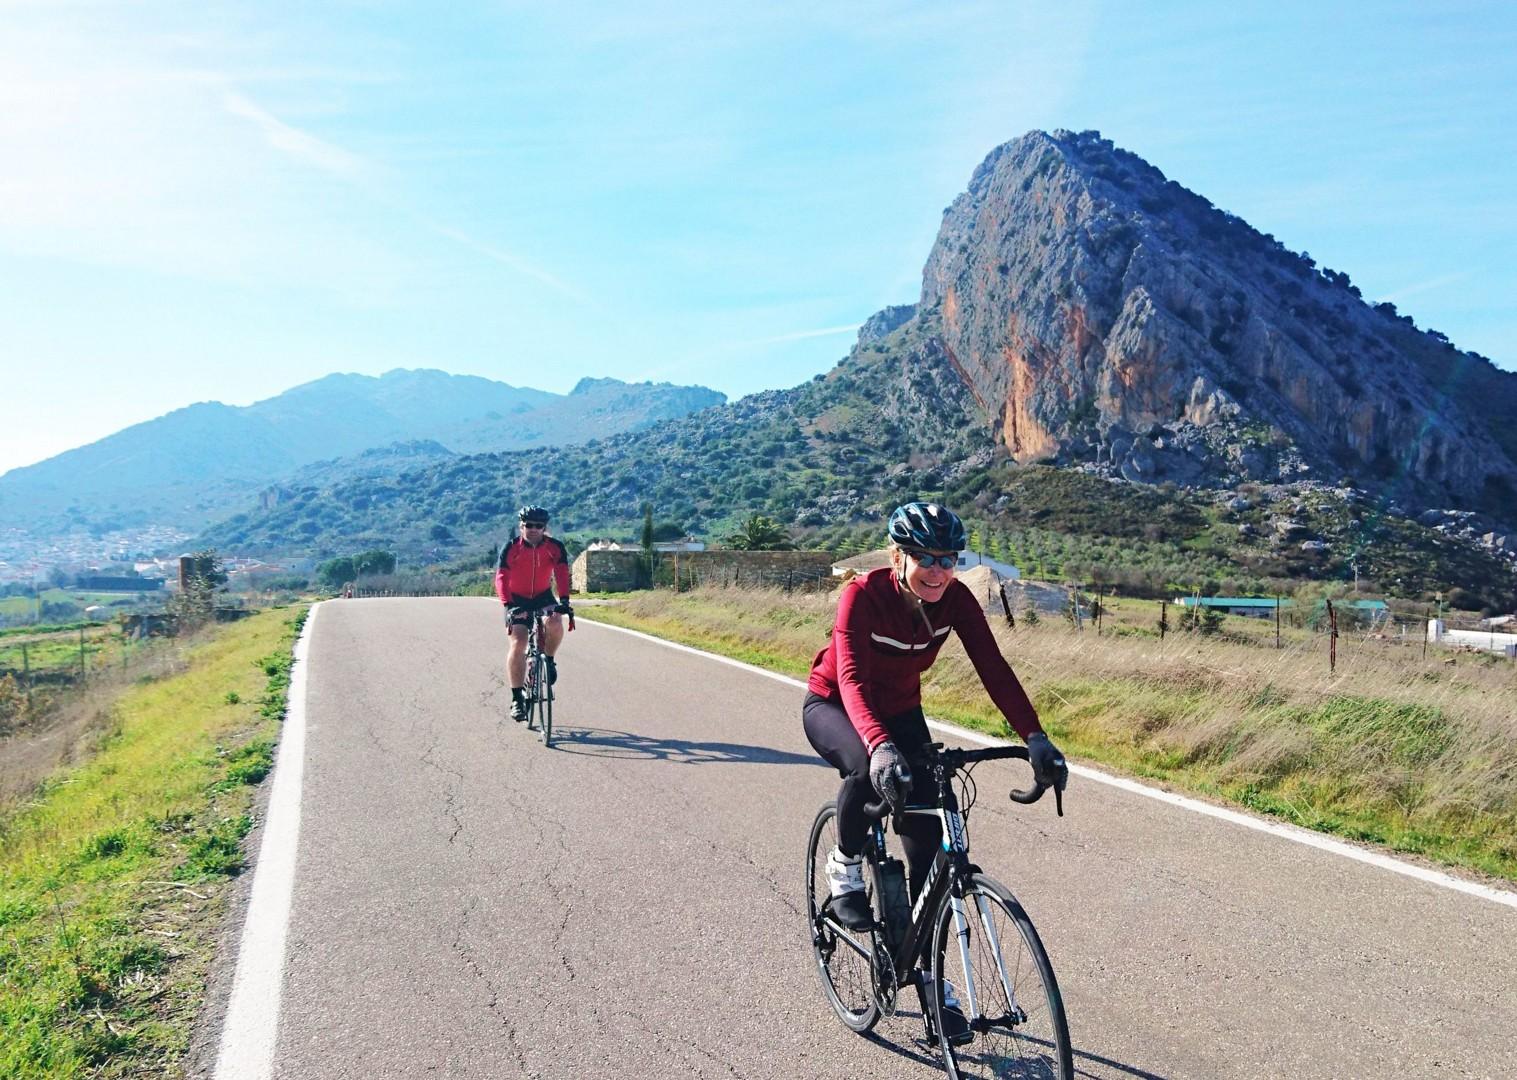 Serrania-de-Ronda-road-cycling-holiday-in-spain.jpg - Southern Spain - Andalucia - Los Pueblos Blancos - Self-Guided Road Cycling Holiday - Road Cycling